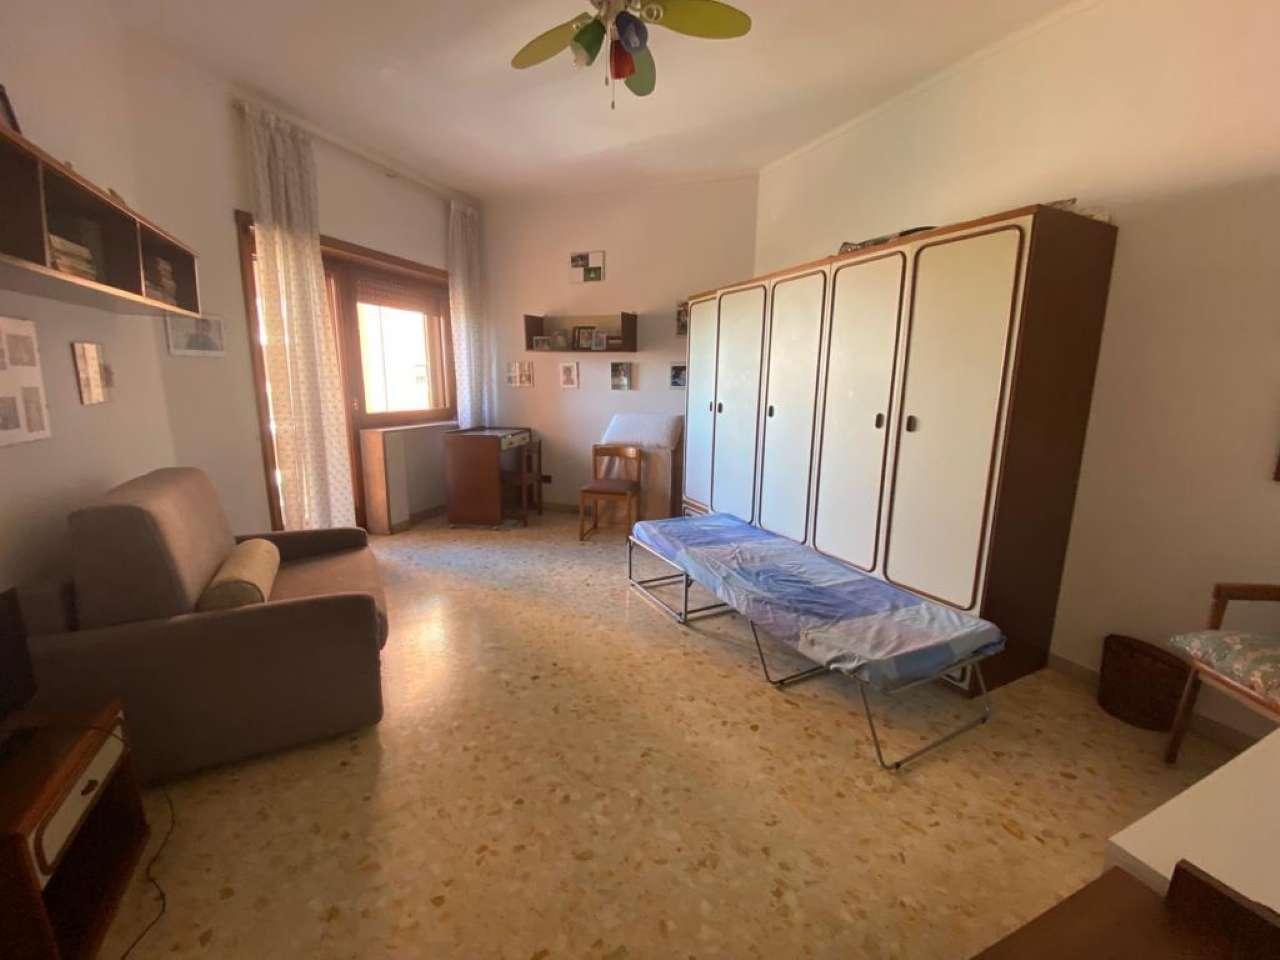 Appartamento, Via Francesco Cilea, Zona Vomero, Napoli, foto 11